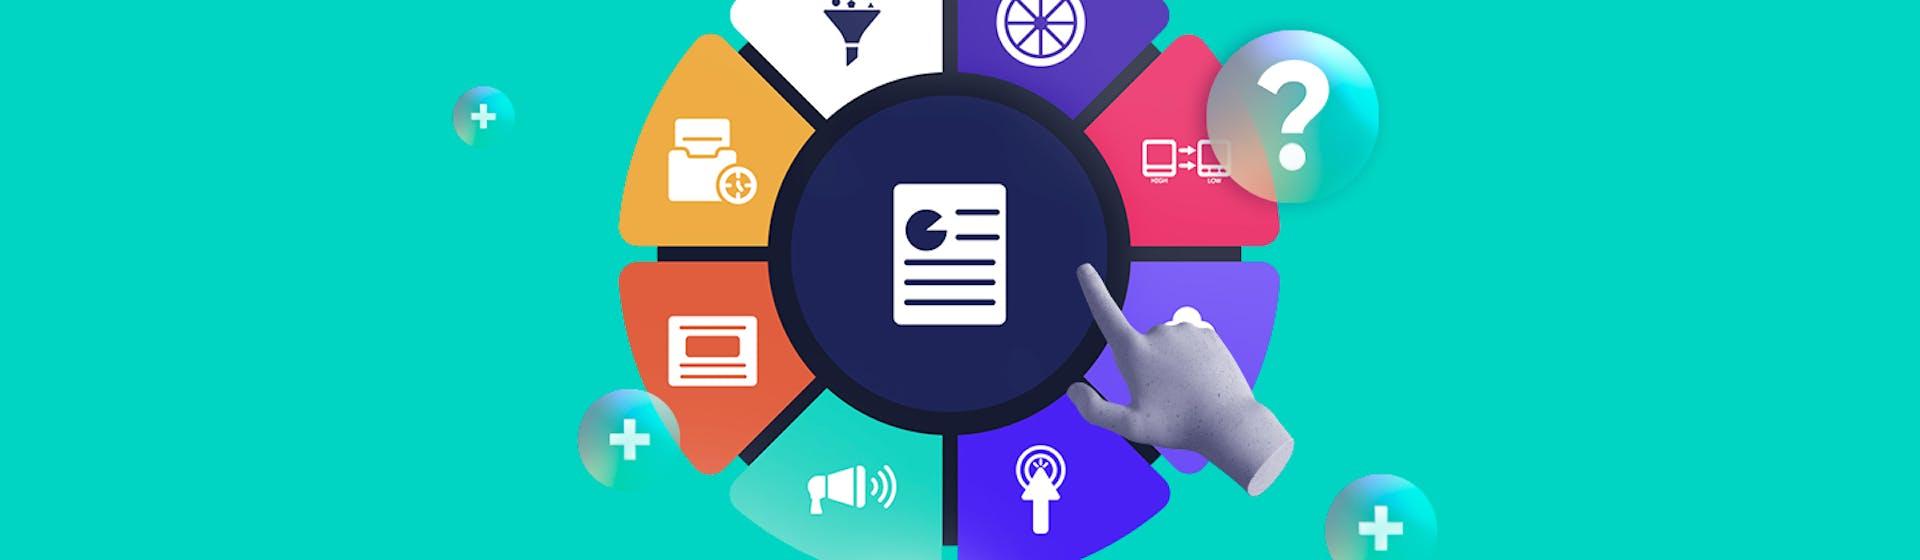 ¿Qué es la curación de contenido?: Descubre cómo hacer contenido de valor en menos tiempo